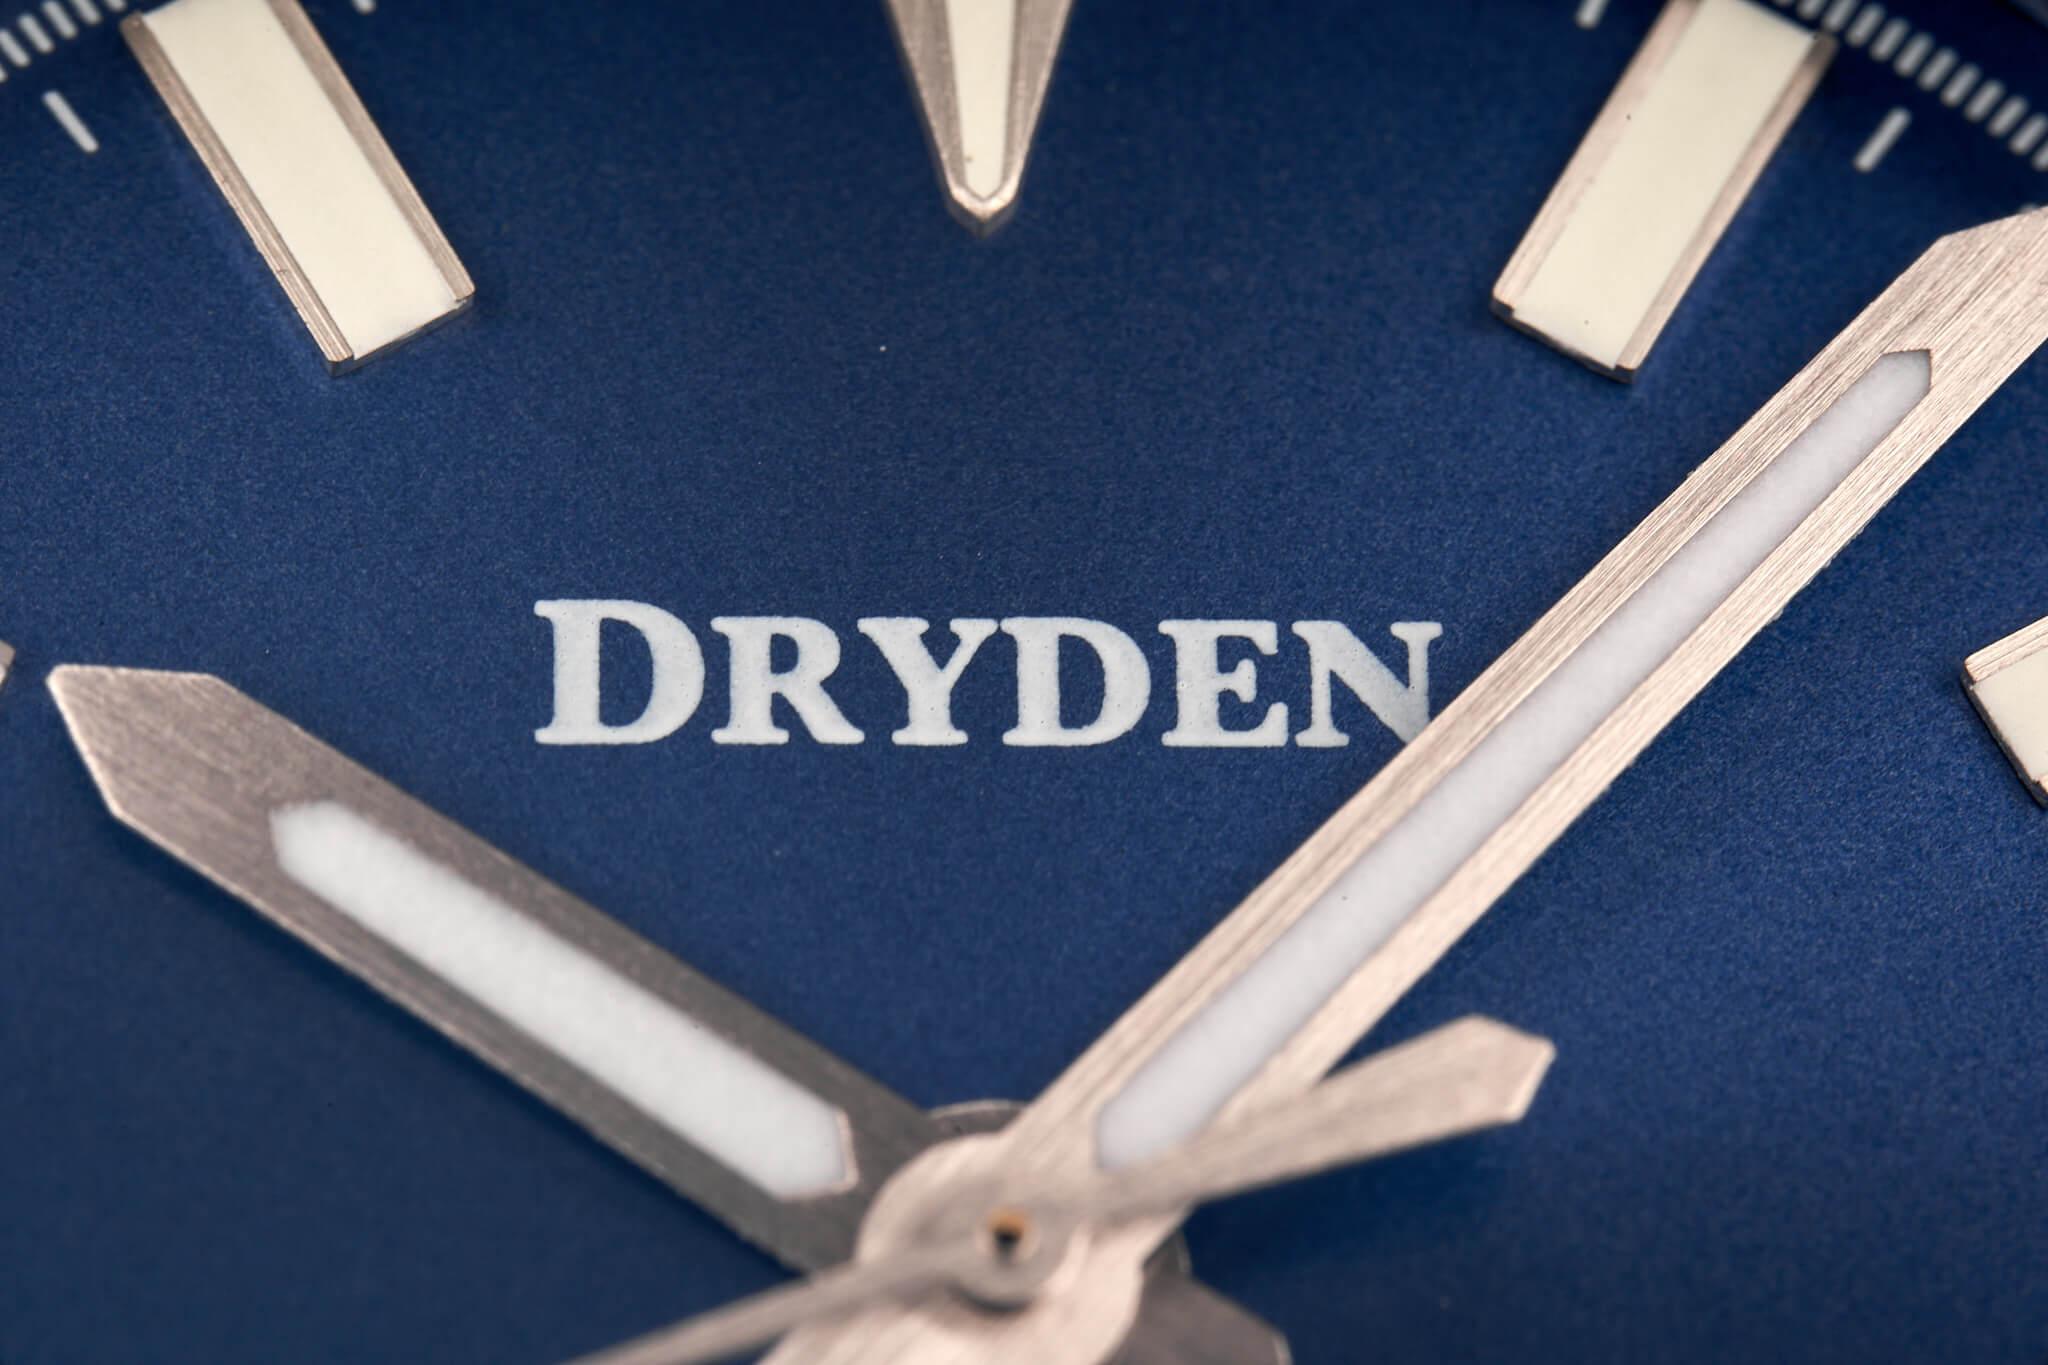 dryden-pathfinder-9